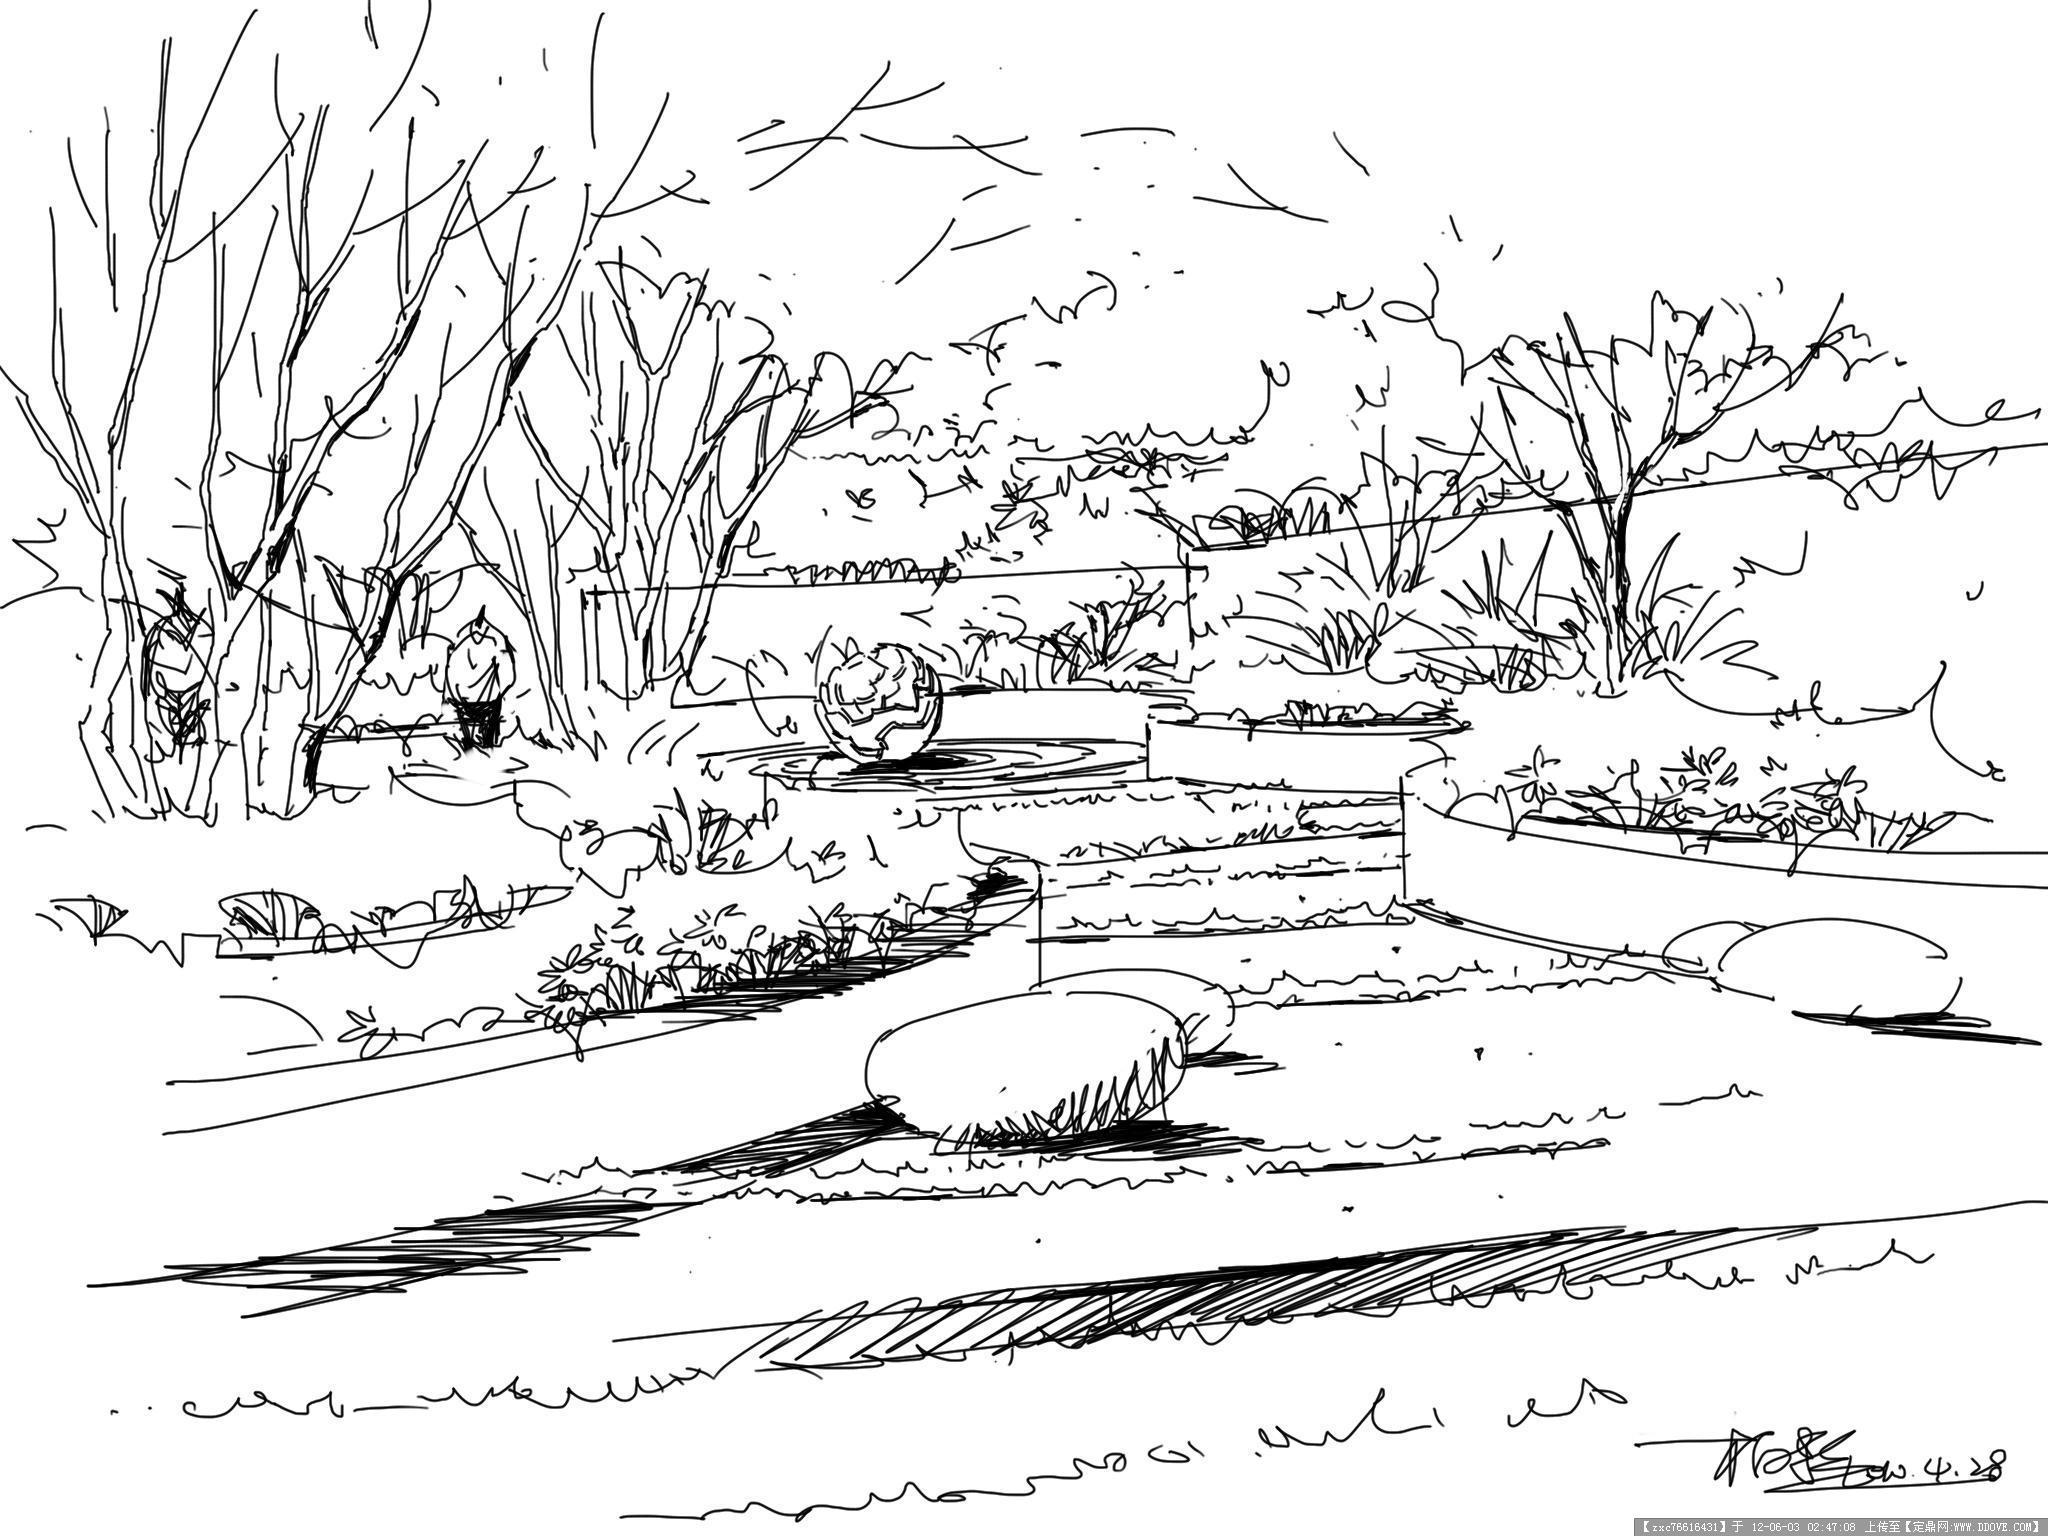 景观效果钢笔画几张-大图的图片浏览,园林效果图,手绘效果,园林景观设计施工图纸资料下载_定鼎园林